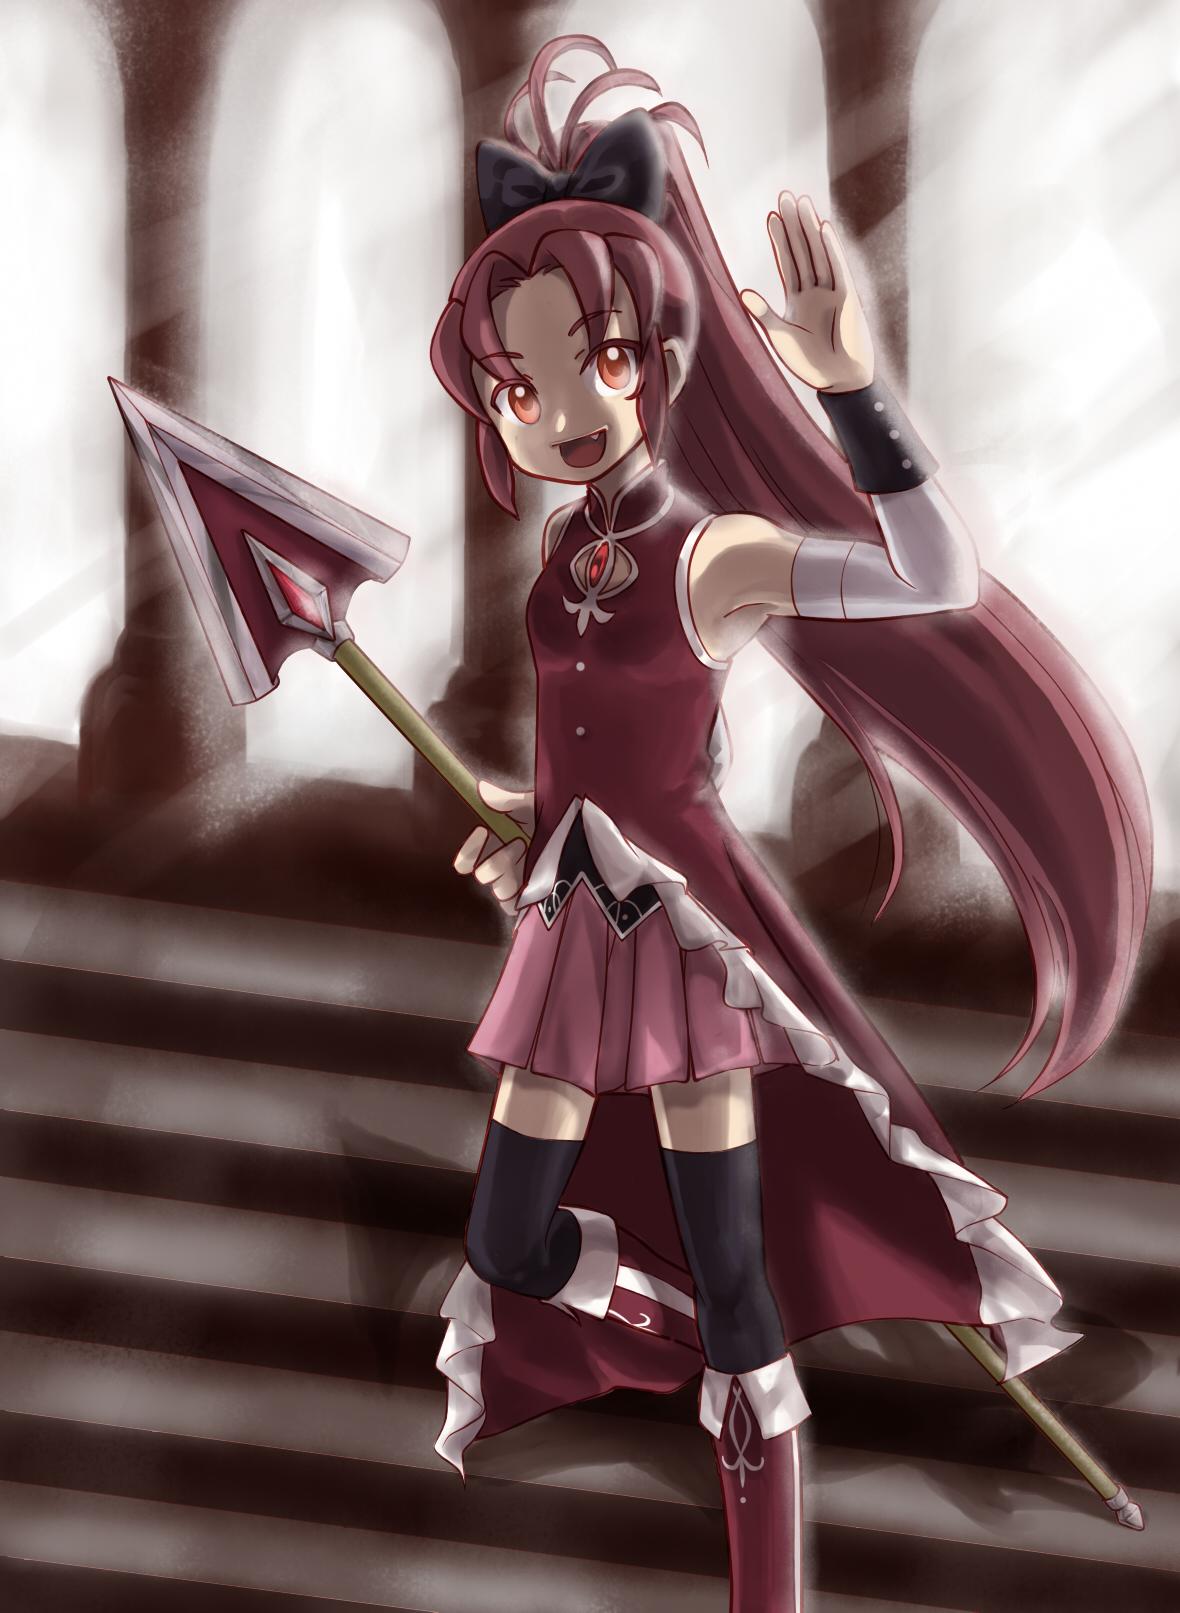 Kyouko Sakura by BlakkaStar